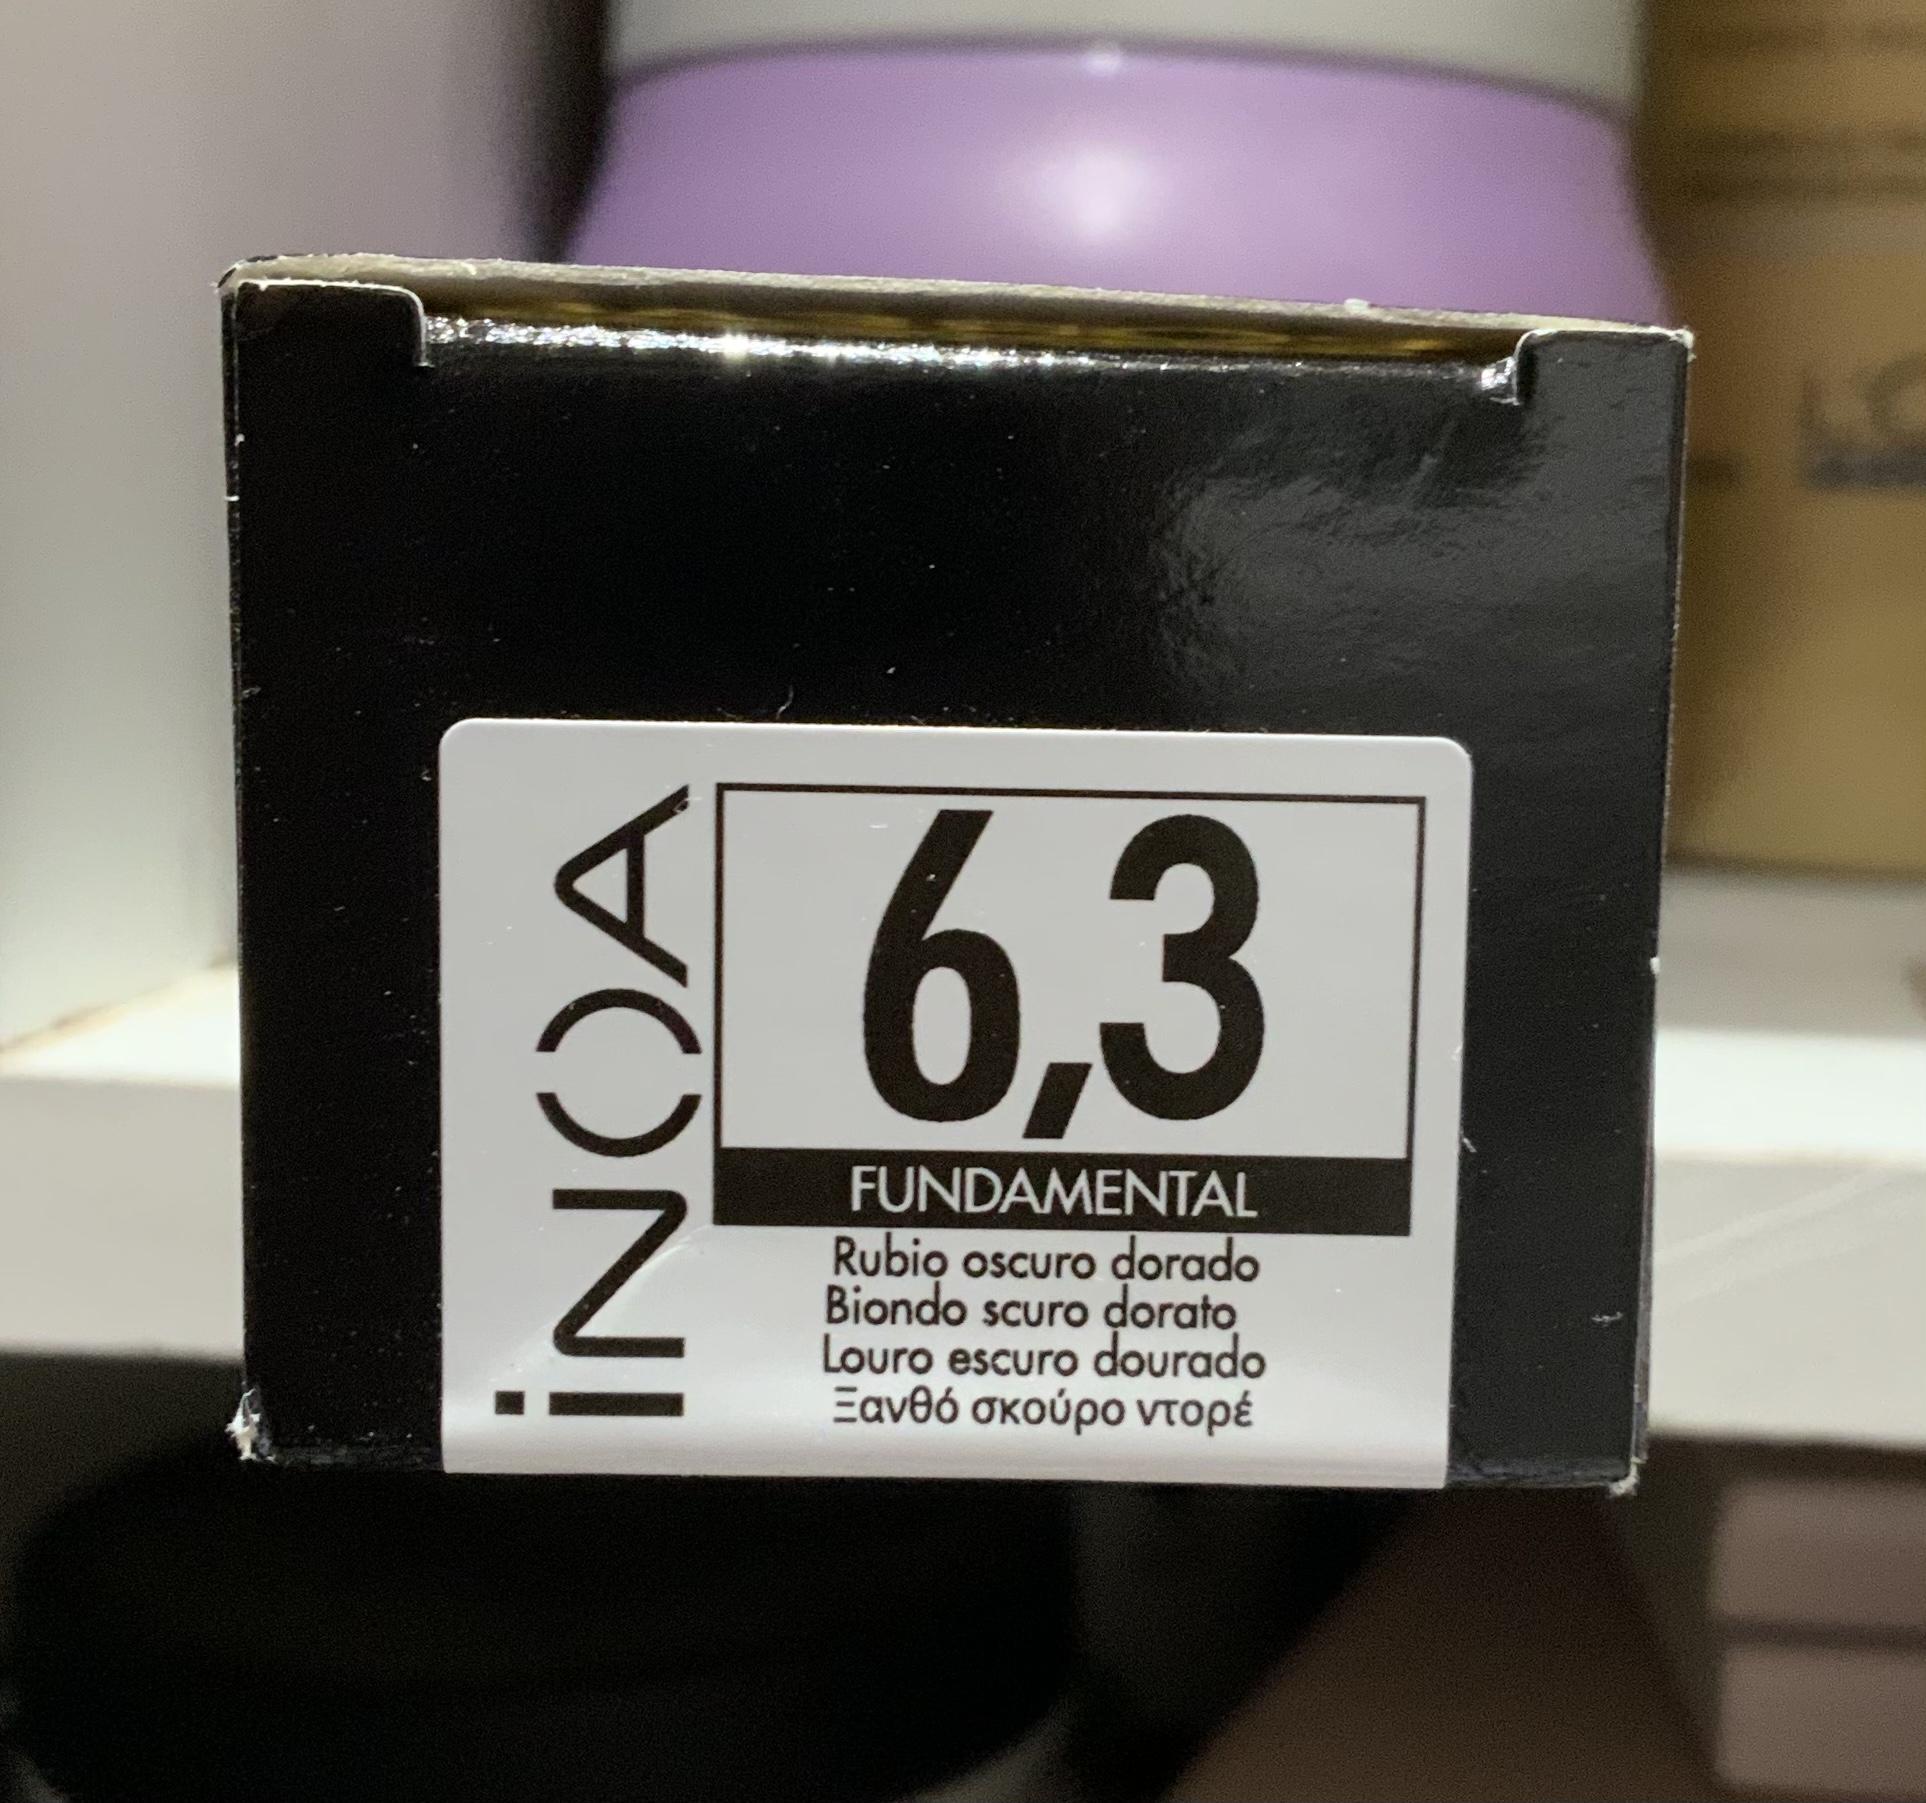 Tintura INOA 60g Rubio Oscuro Dorado Funtamental 6.3